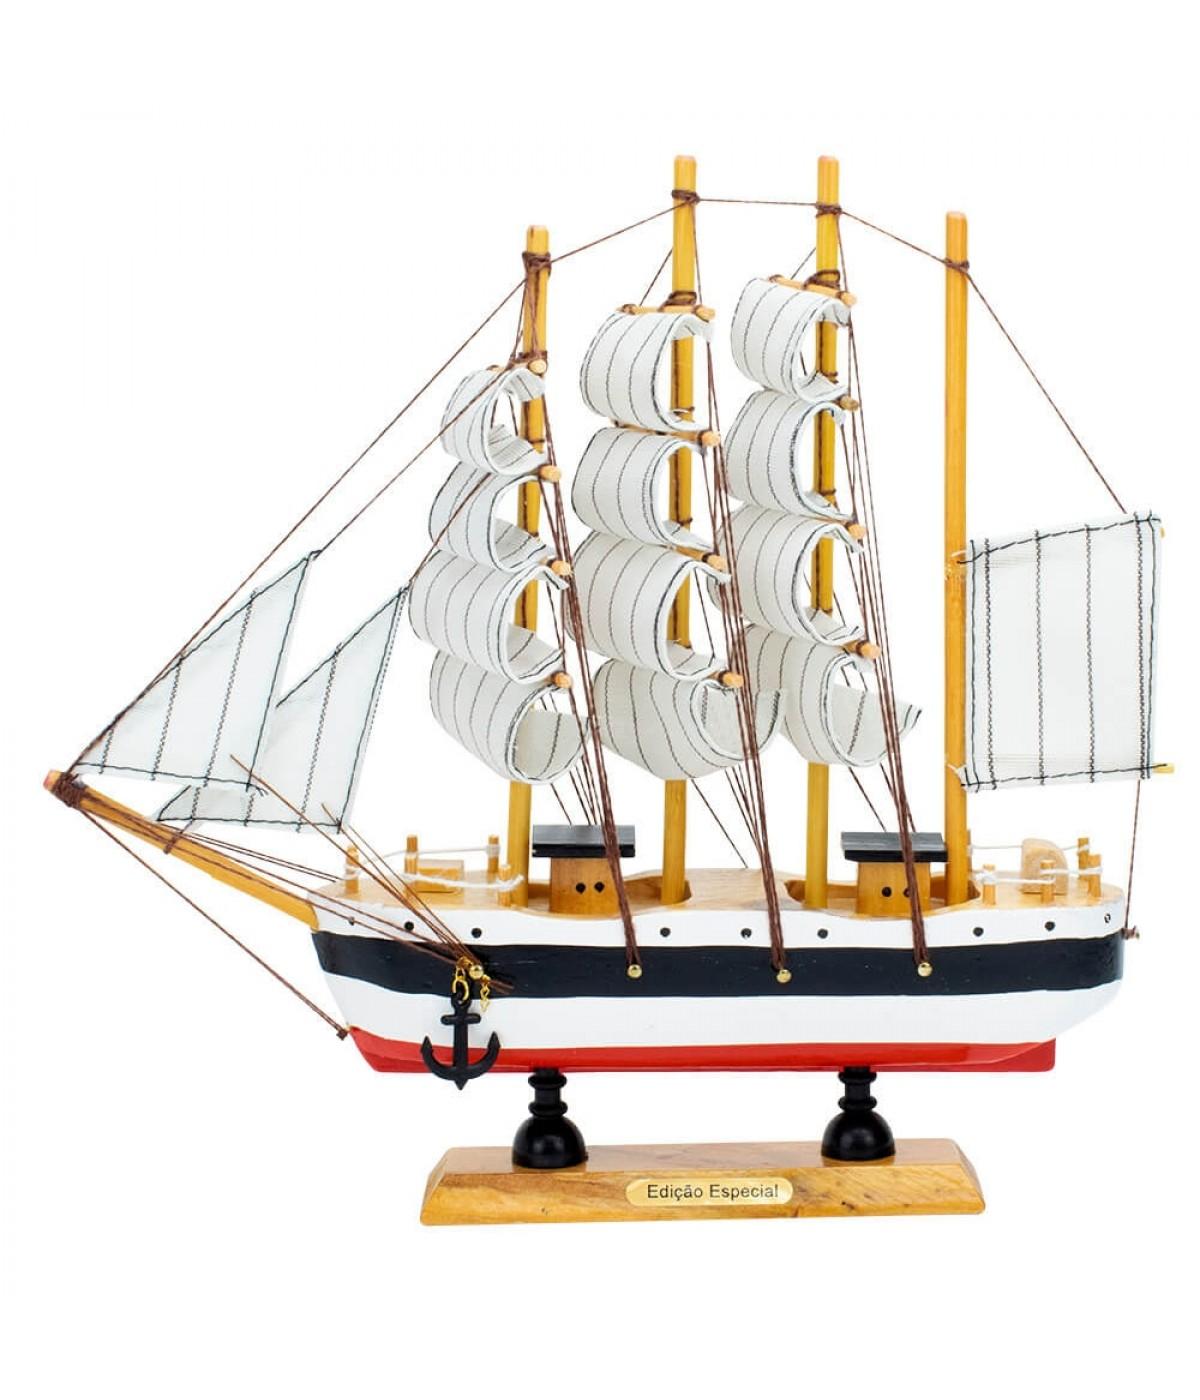 Miniatura Barco Navio Veleiro Madeira Casco Branco Base Vermelha 22x4x22cm